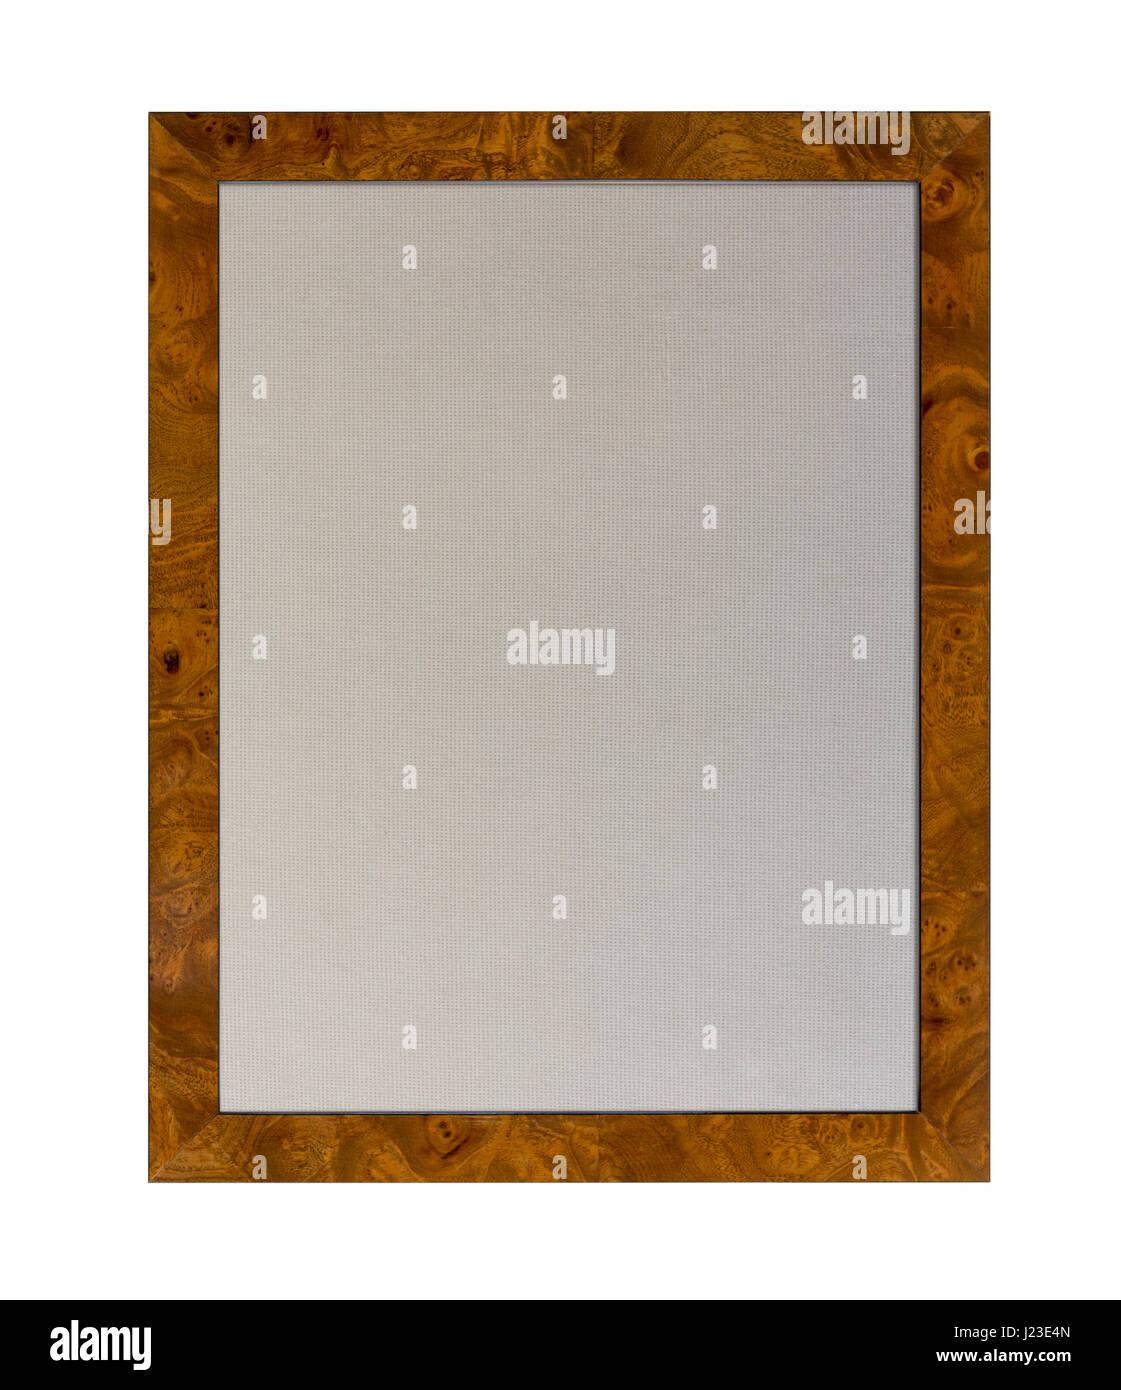 Tuch basierte Pinnwand oder Aushang im Inneren eines hölzernen Bilderrahmen isoliert auf weißem Hintergrund Stockbild